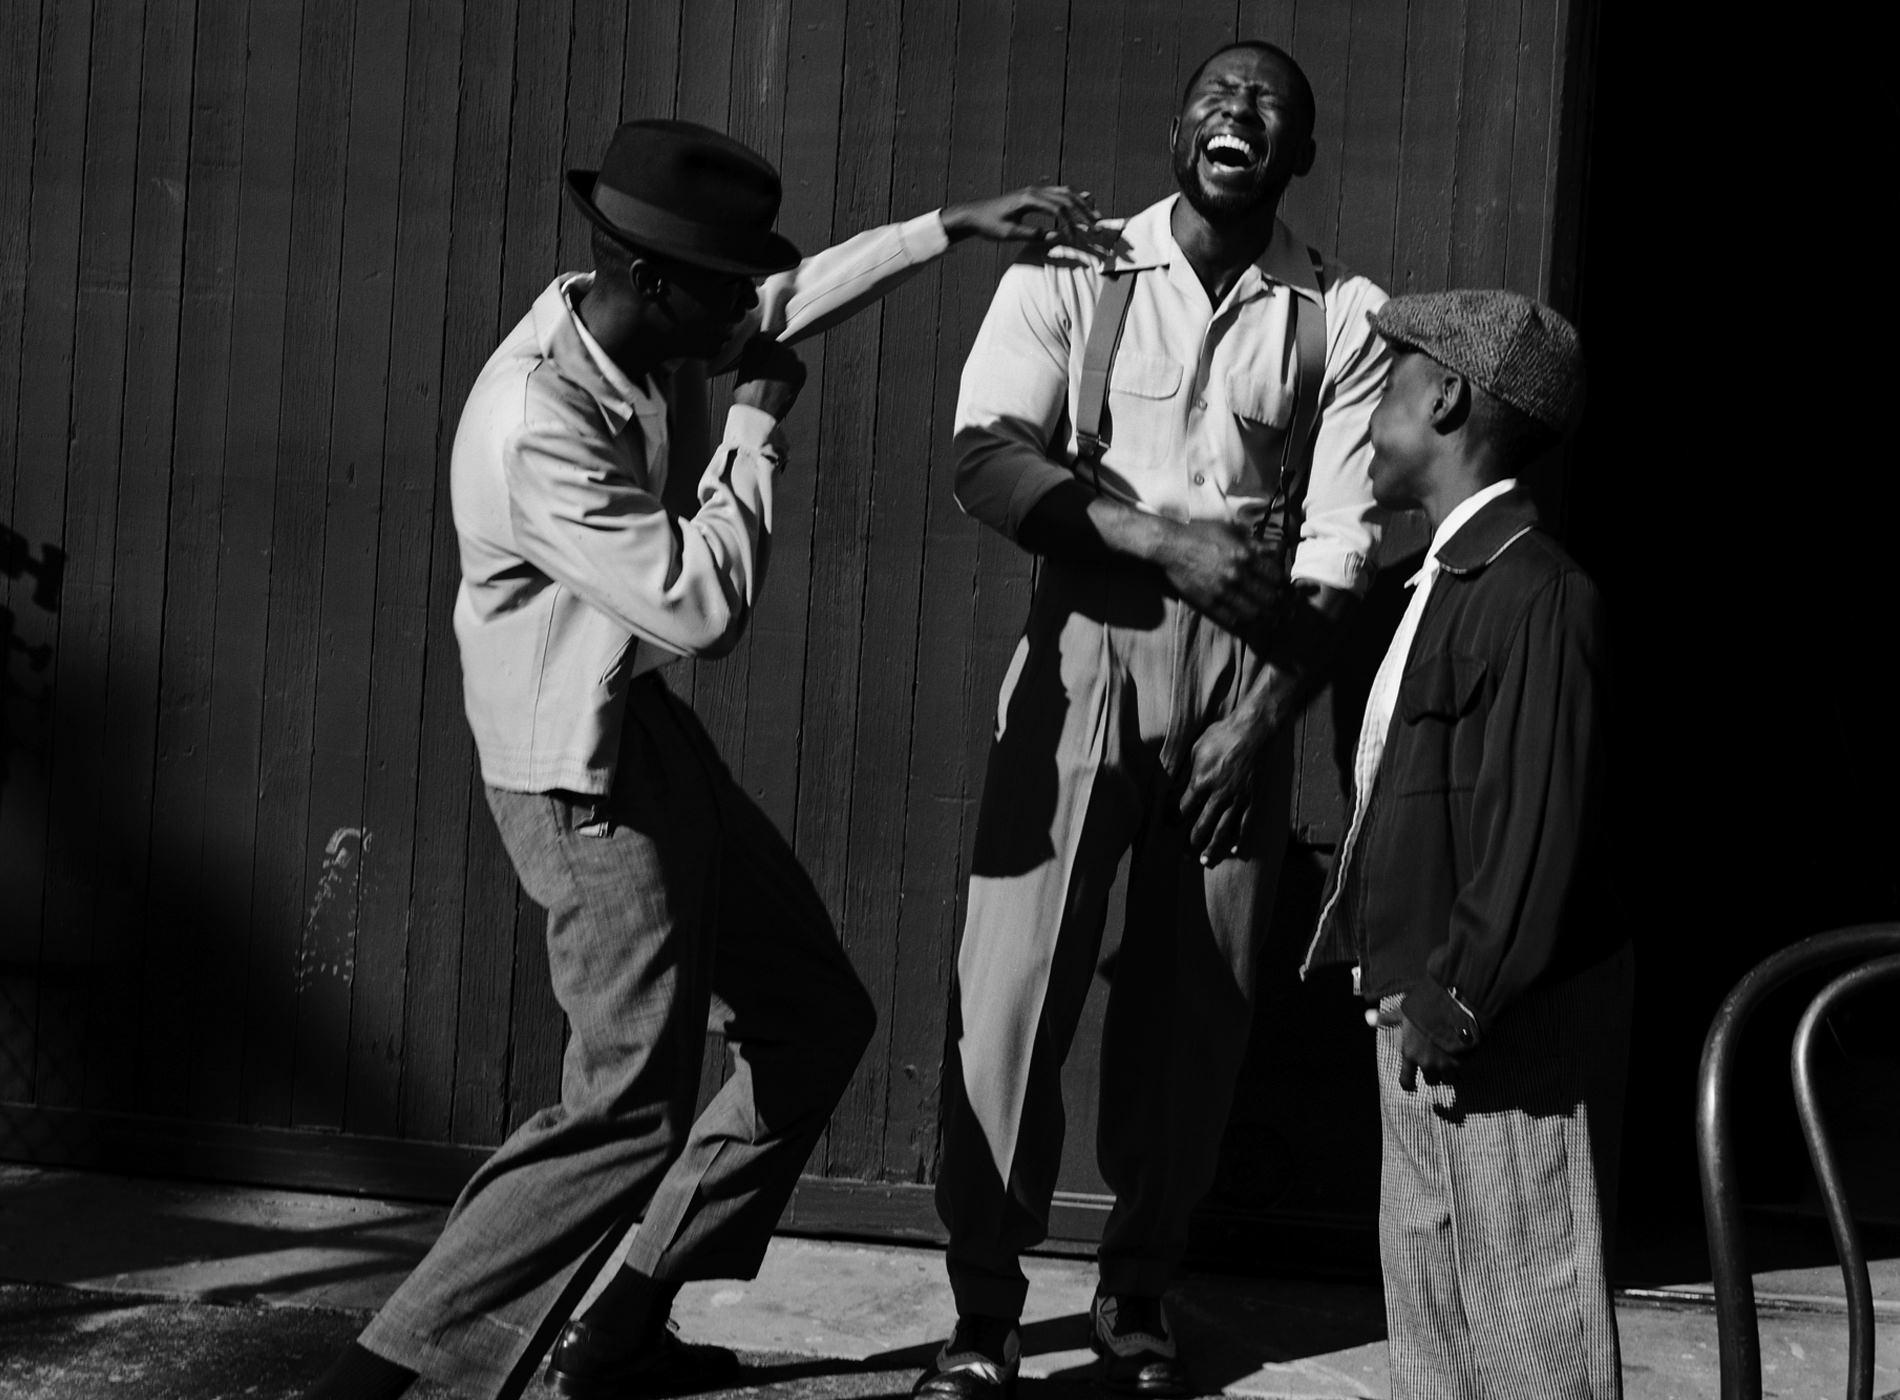 Jack Davison Photographie L.A New York Times Noir et Blanc